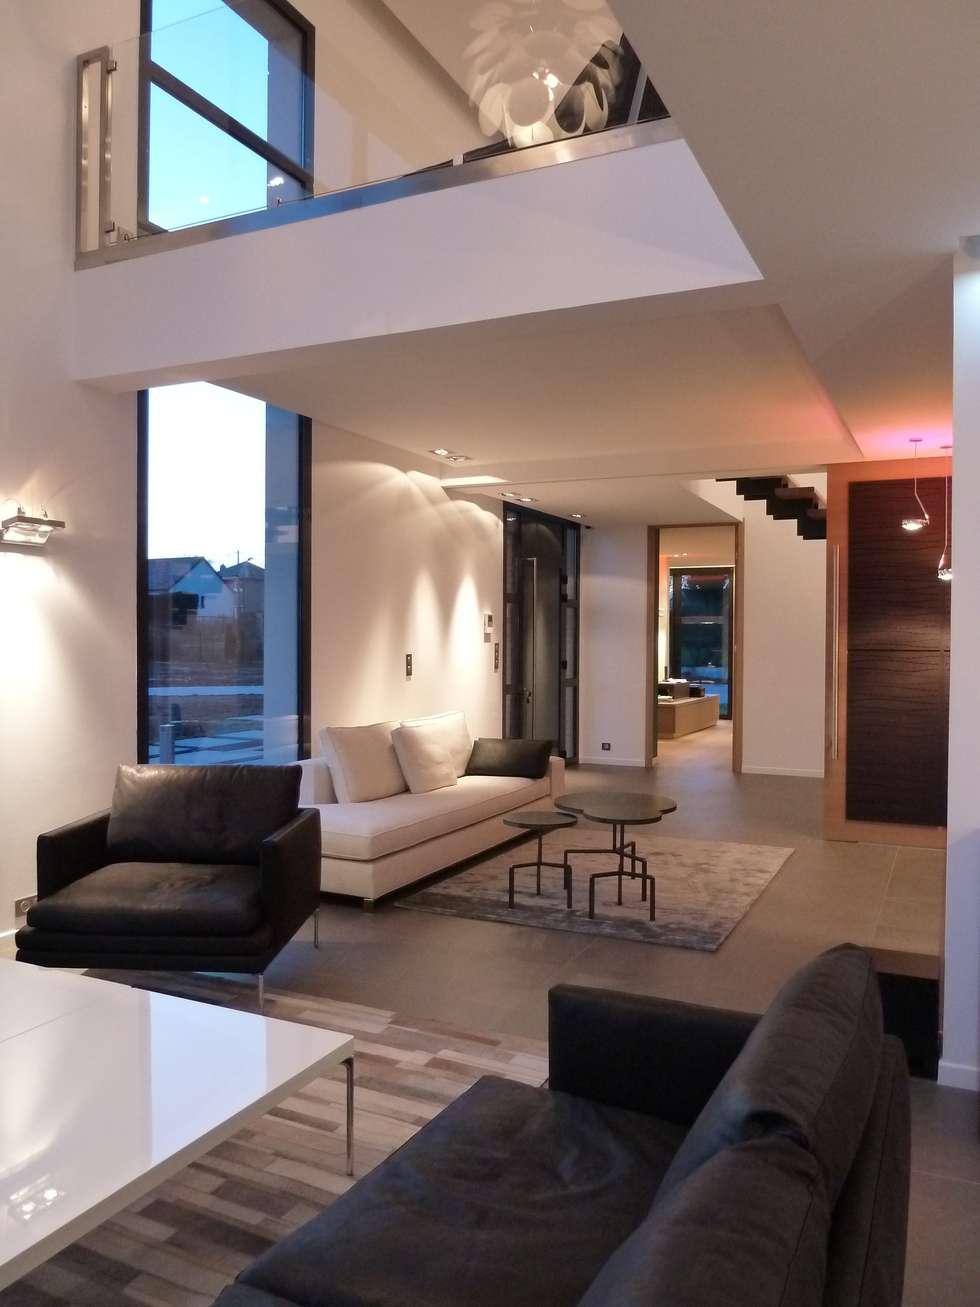 la salon: Salon de style de style Minimaliste par Emilie Bigorne, architecte d'intérieur CFAI